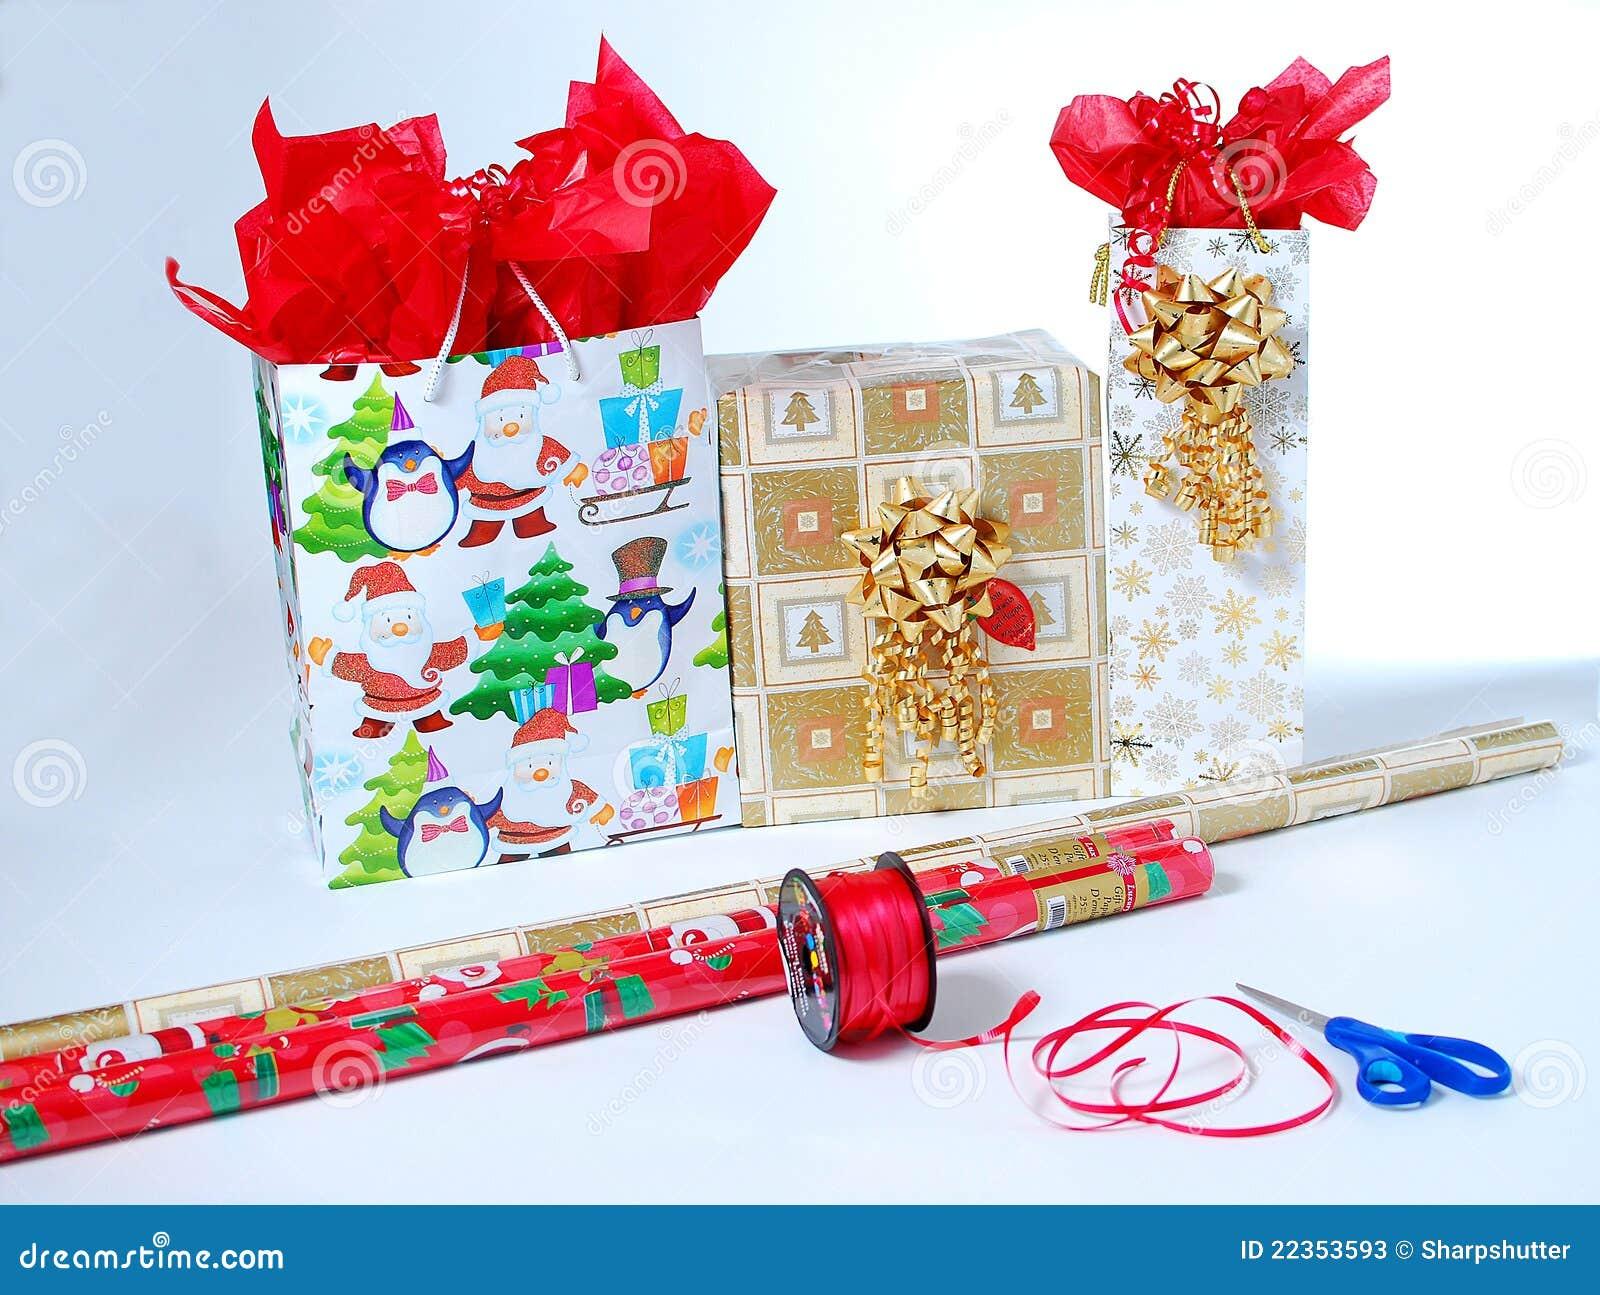 礼品包装材料